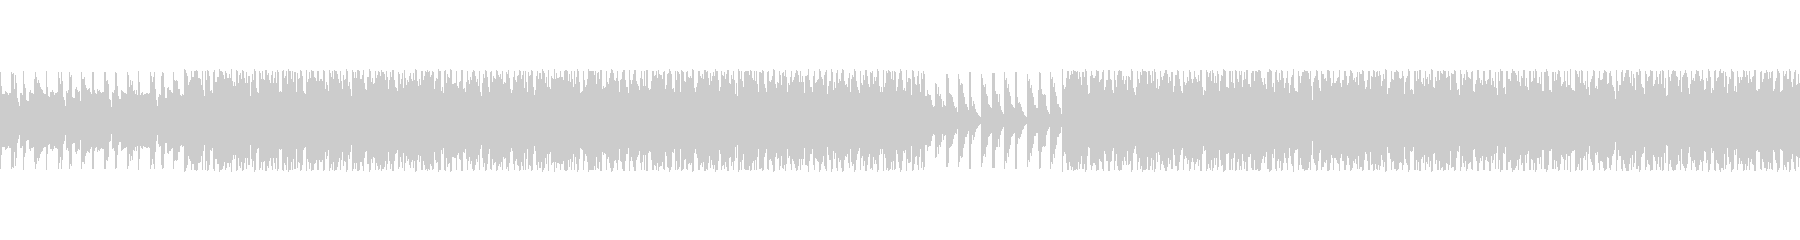 洞窟、工場イメージのBGM(ループ)の未再生の波形